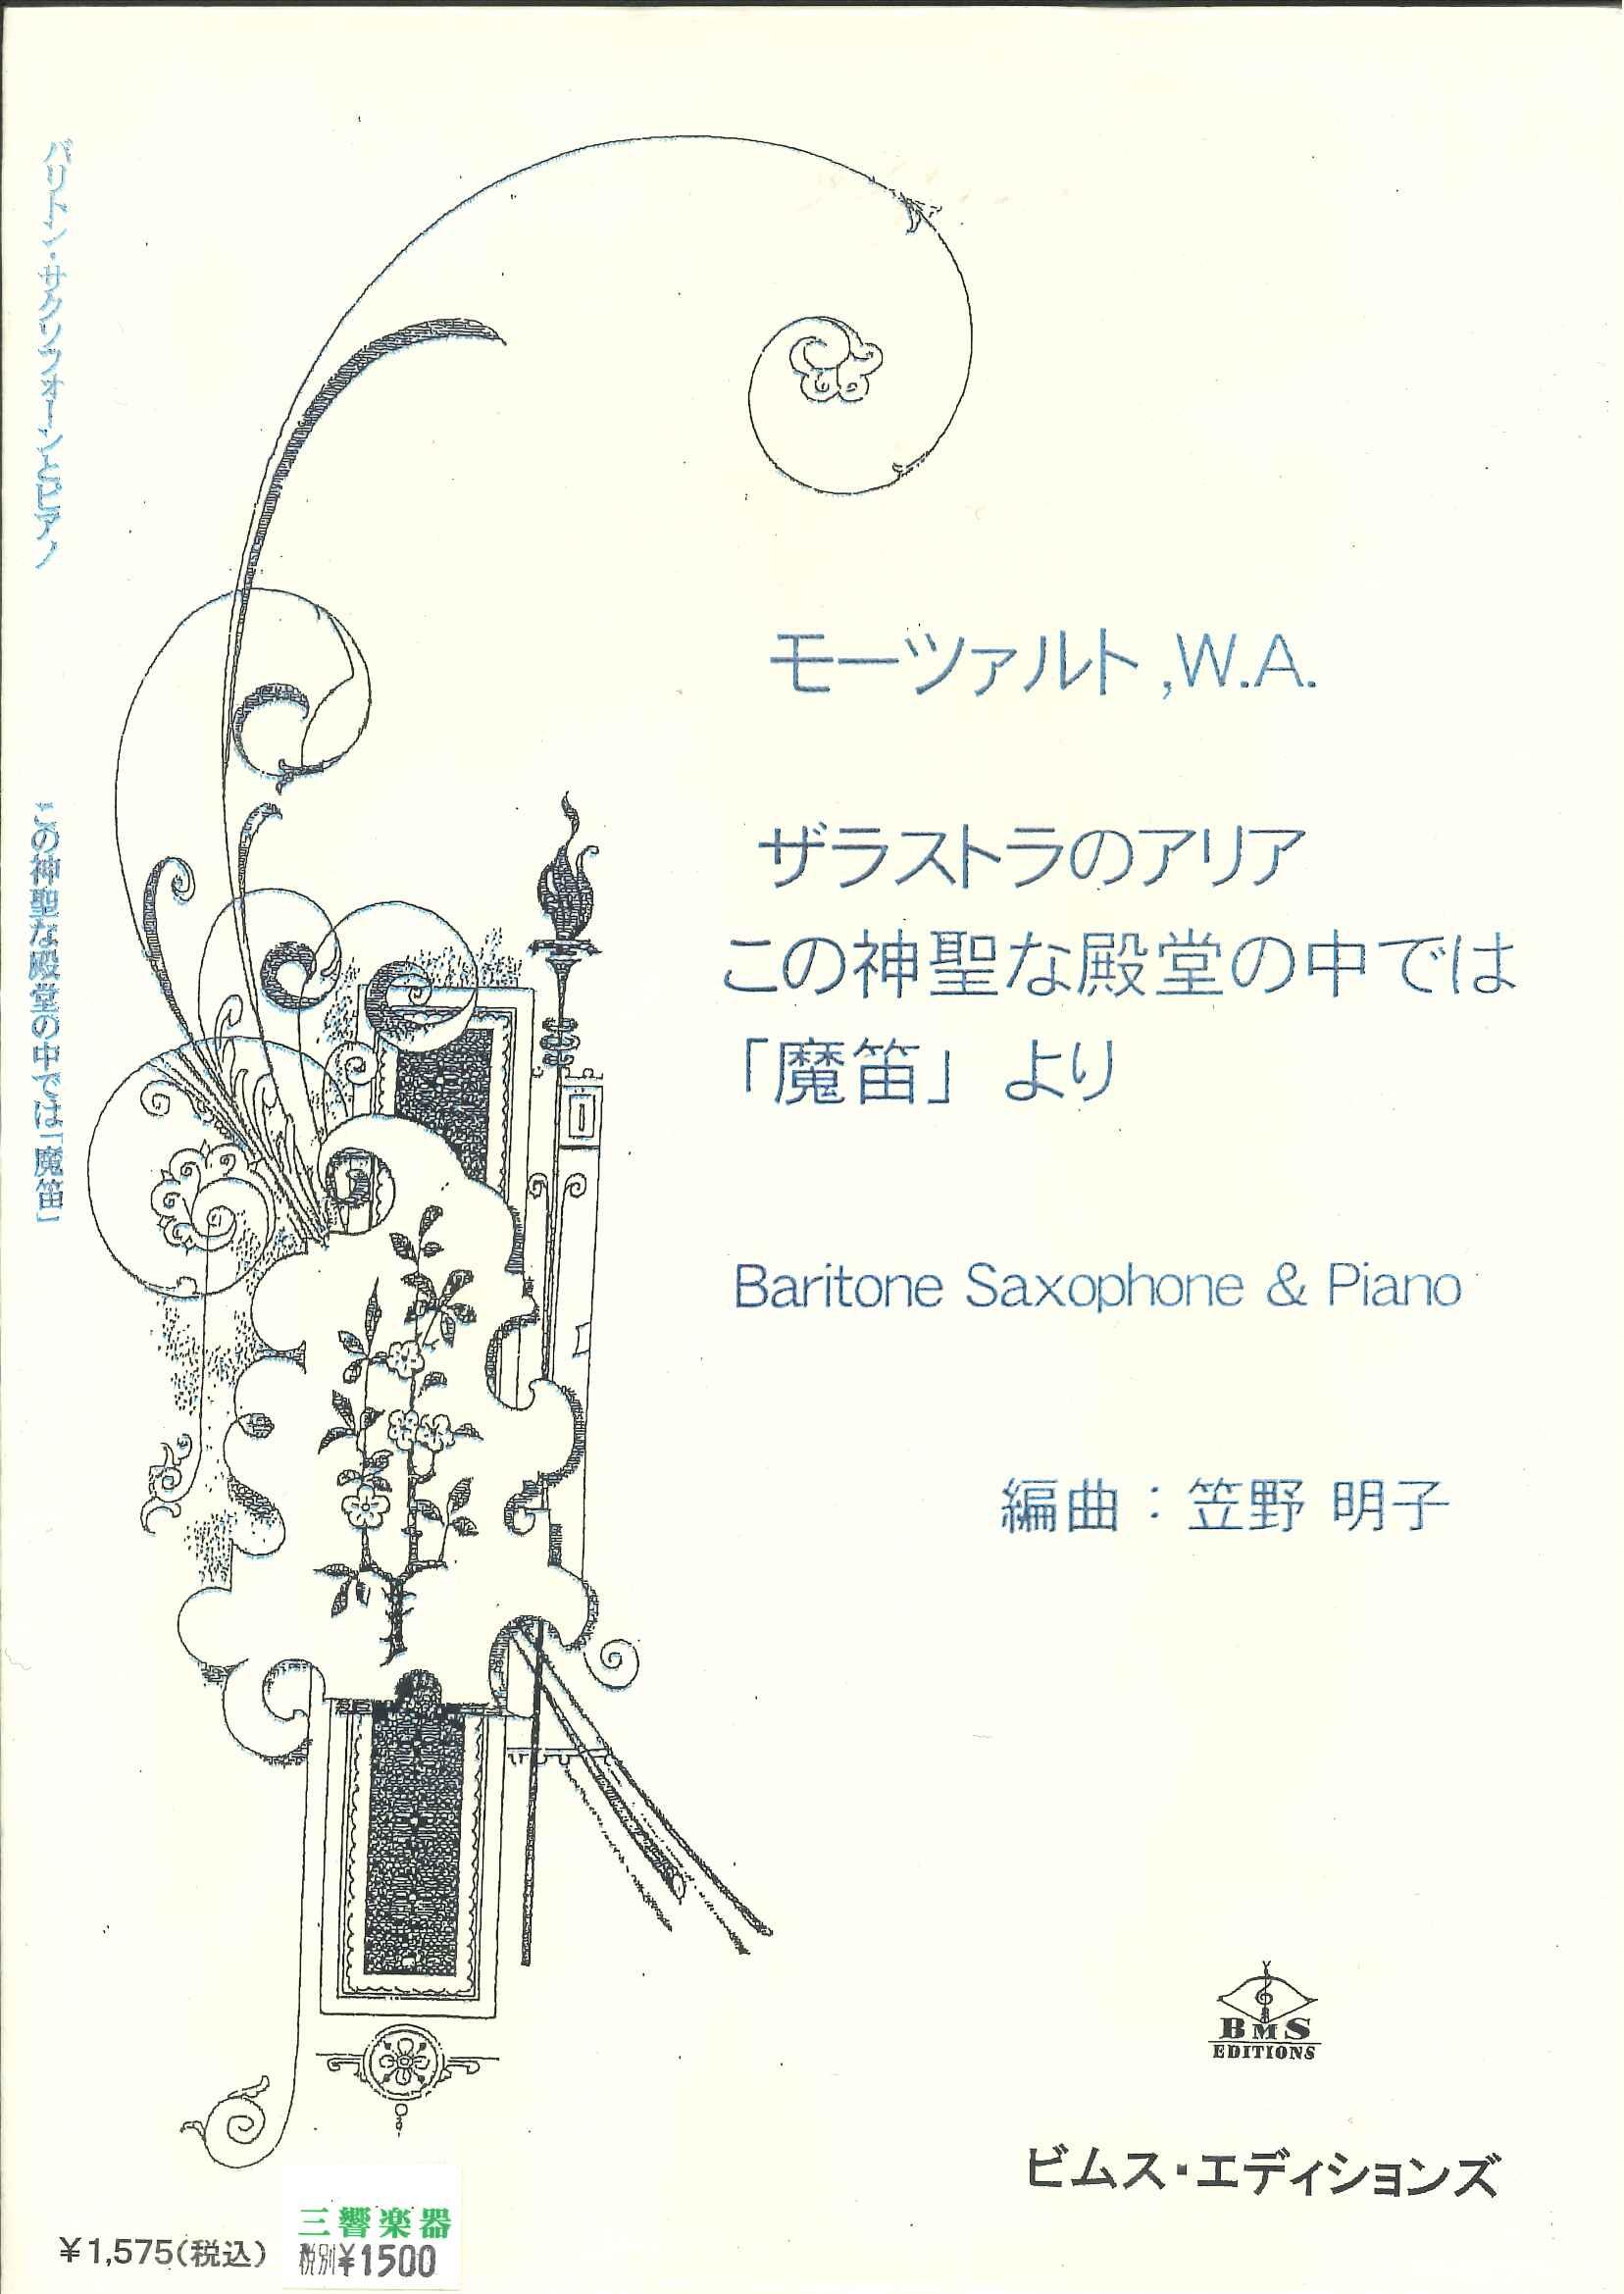 バリトン・サクソフォーン ソロ譜 この神聖な殿堂の中では「魔笛」